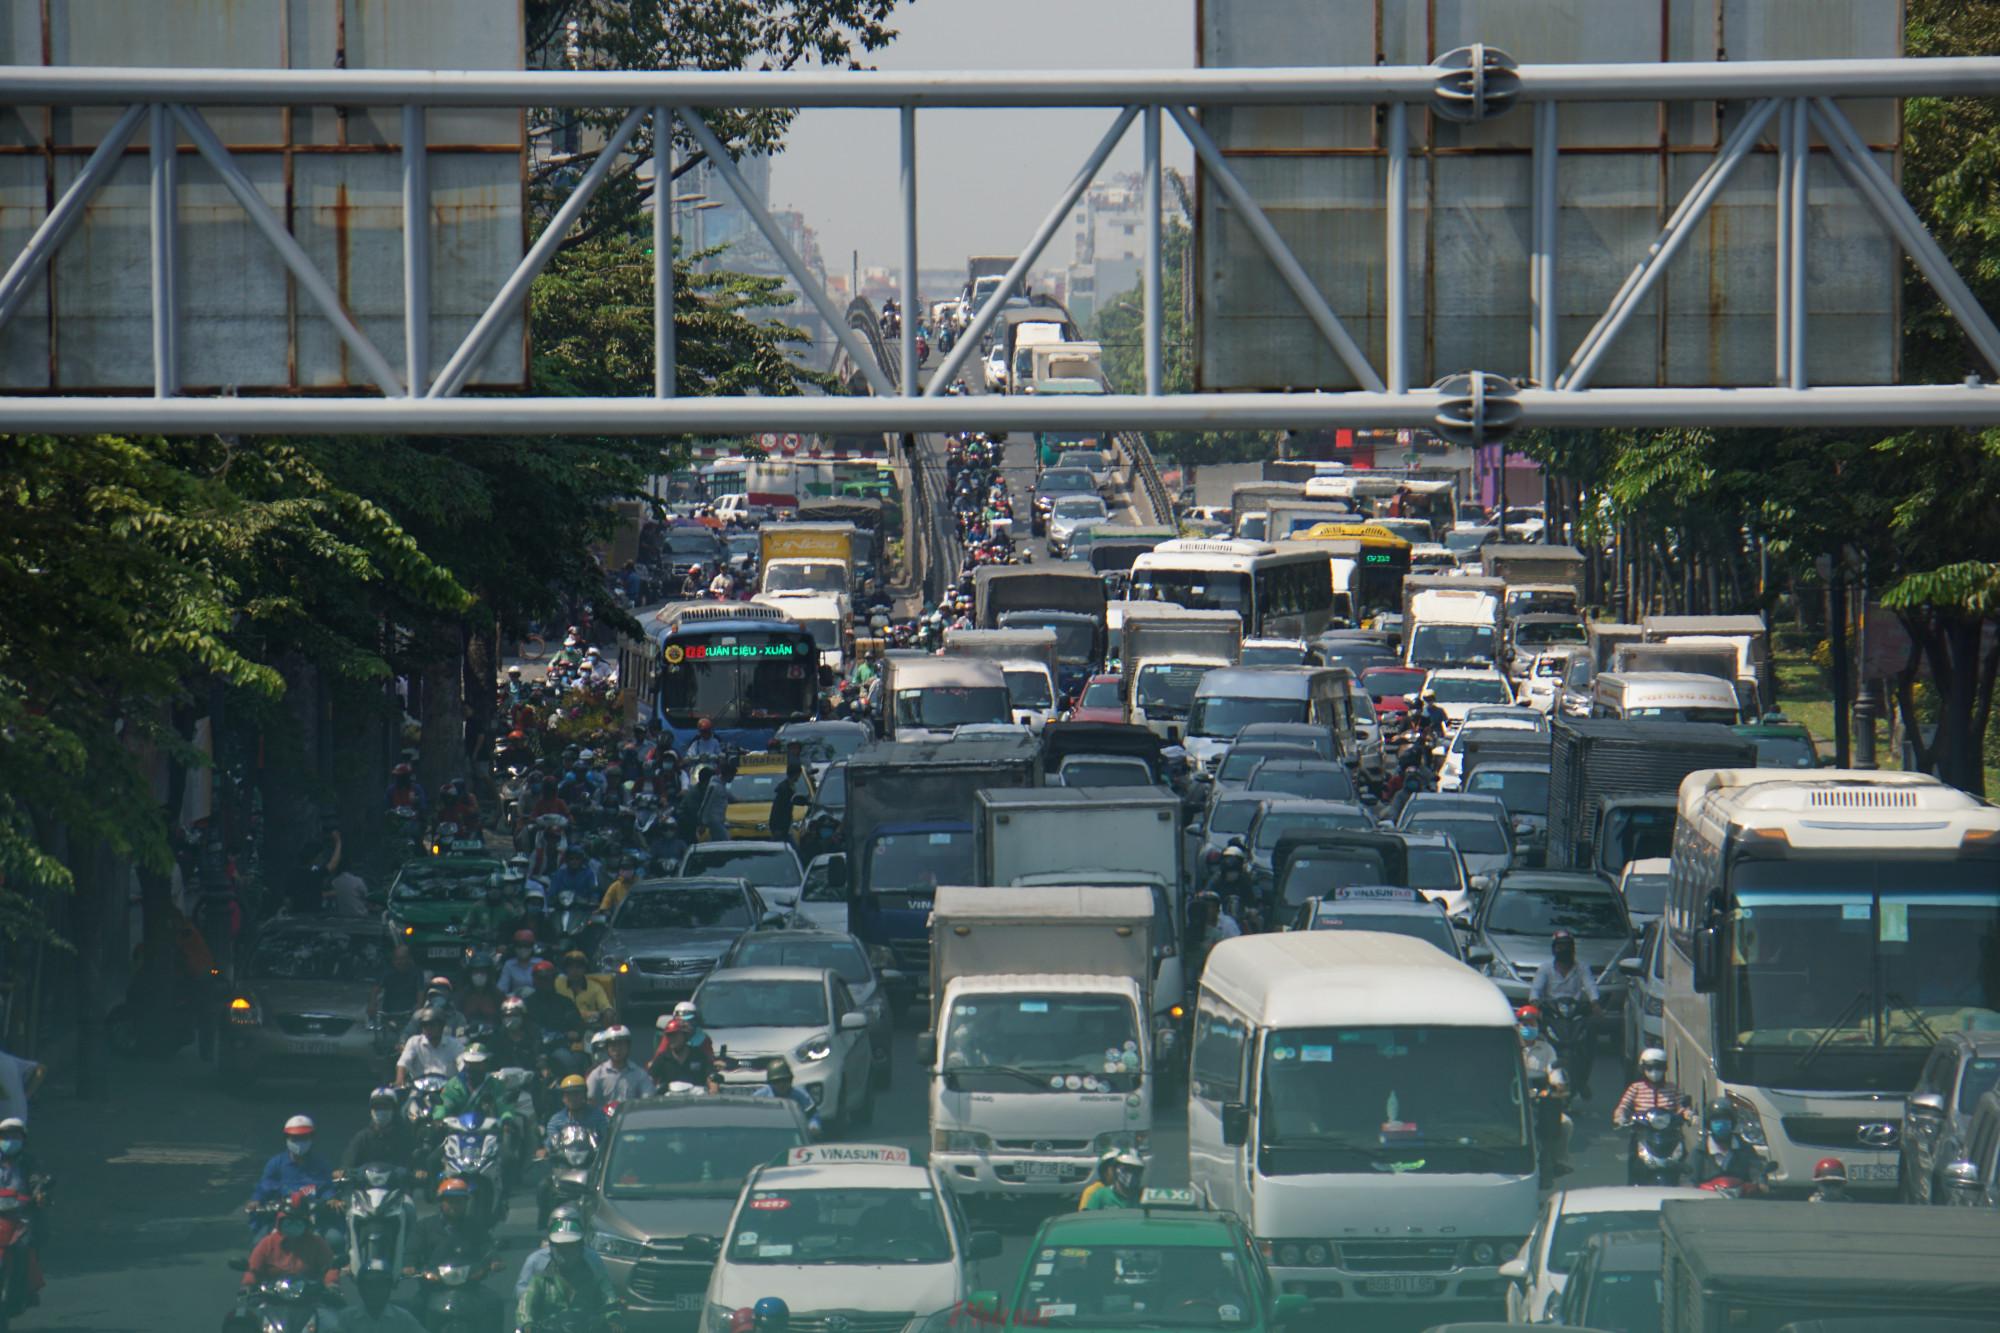 dù mới chính thức bước vào cao điểm Tết Canh Tý 2020 nhưng hàng loạt tuyến đường thường xuyên rơi vào cảnh ùn tắc nghiêm trọng